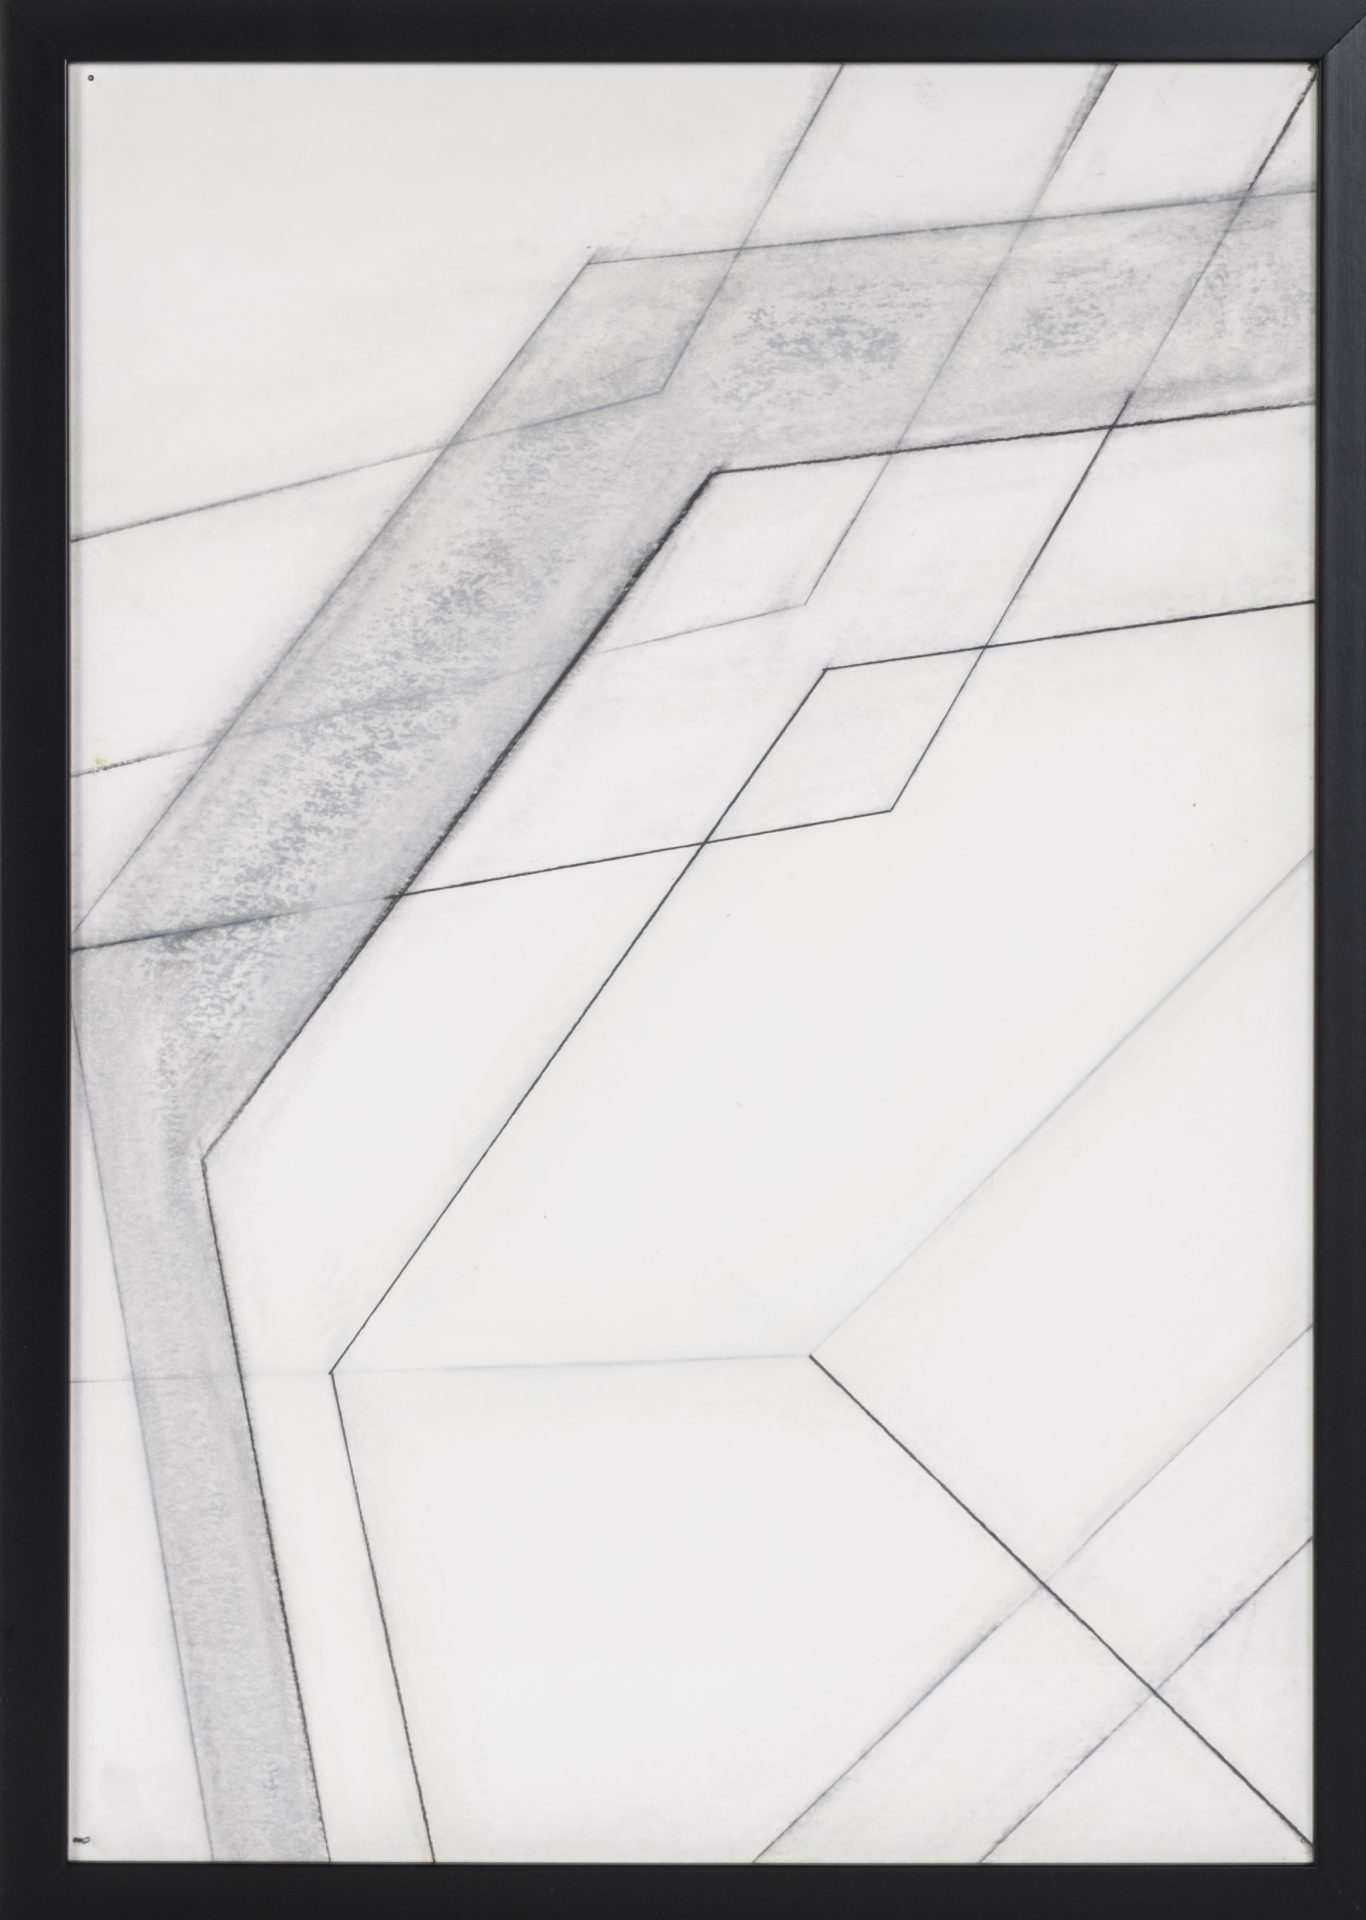 Unlimited in Dynamo<br>RMR13<br>misure: 35 x 50 cm<br>tecnica: gesso a olio su carta<br>anno: 2018<br><br>DISPONIBILE